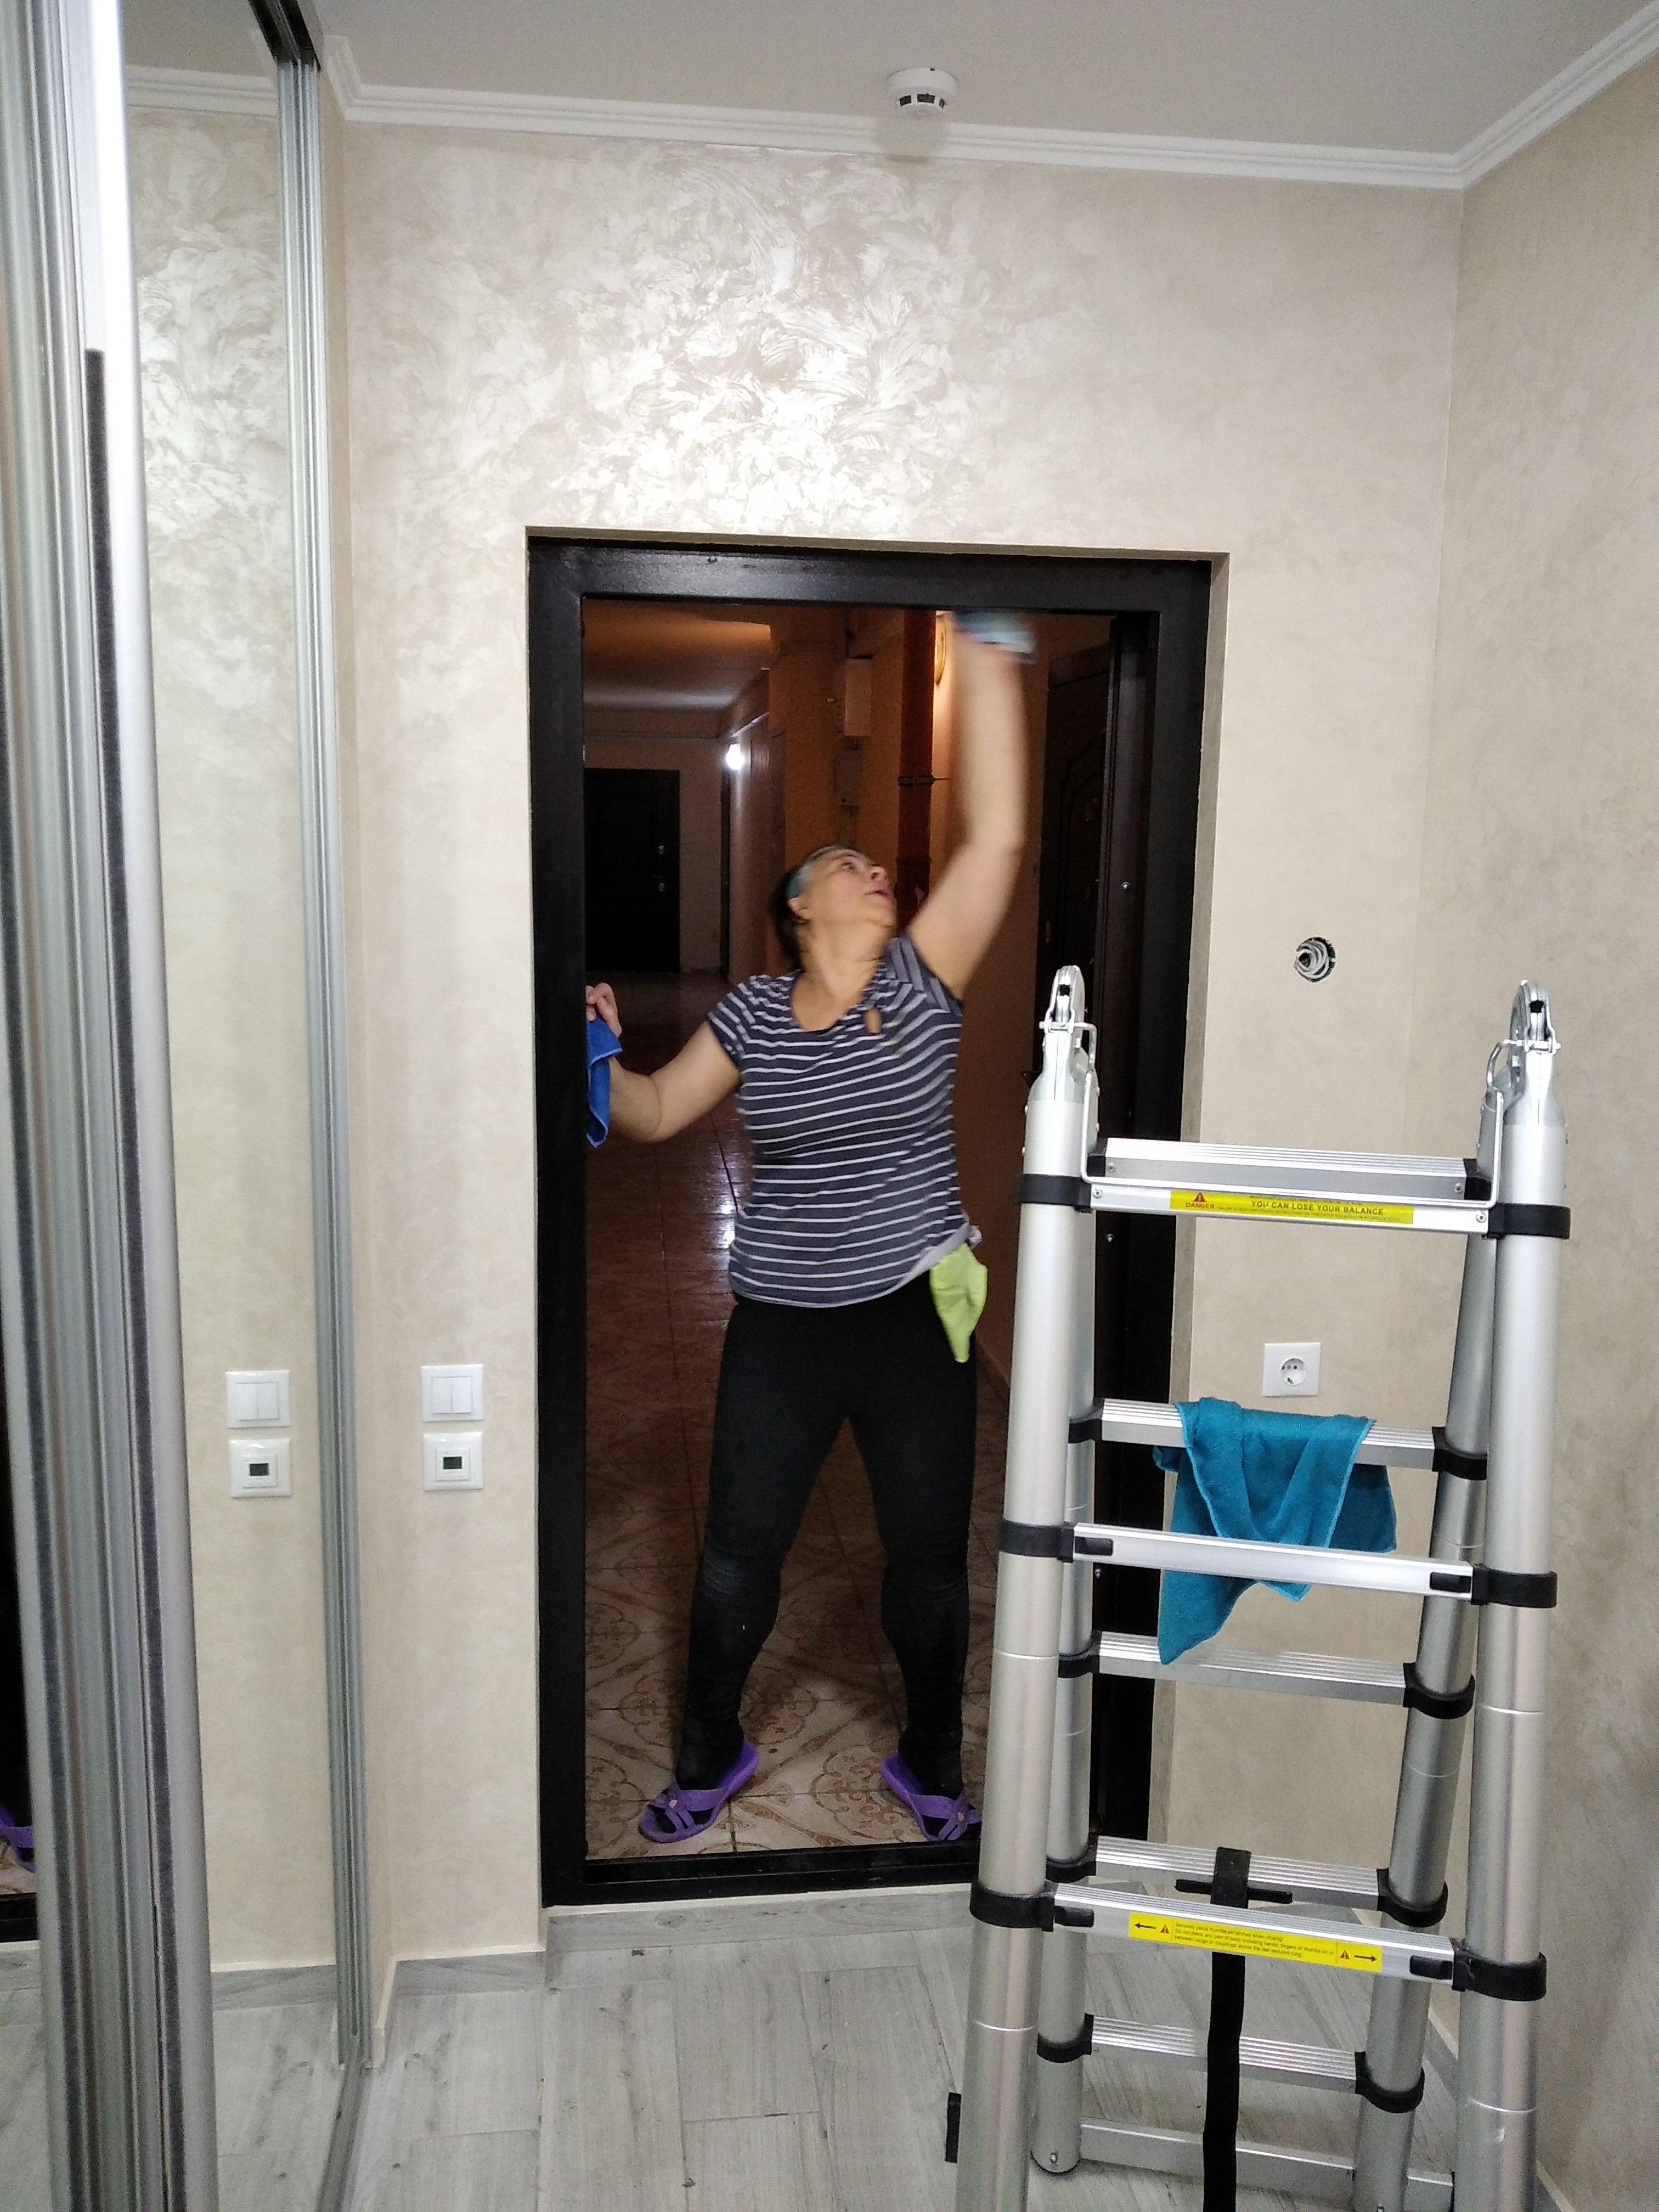 Фото Уборка после ремонта всегда заканчивается входной дверью и хорошим настроением владельца. Это мы вам гарантируем.